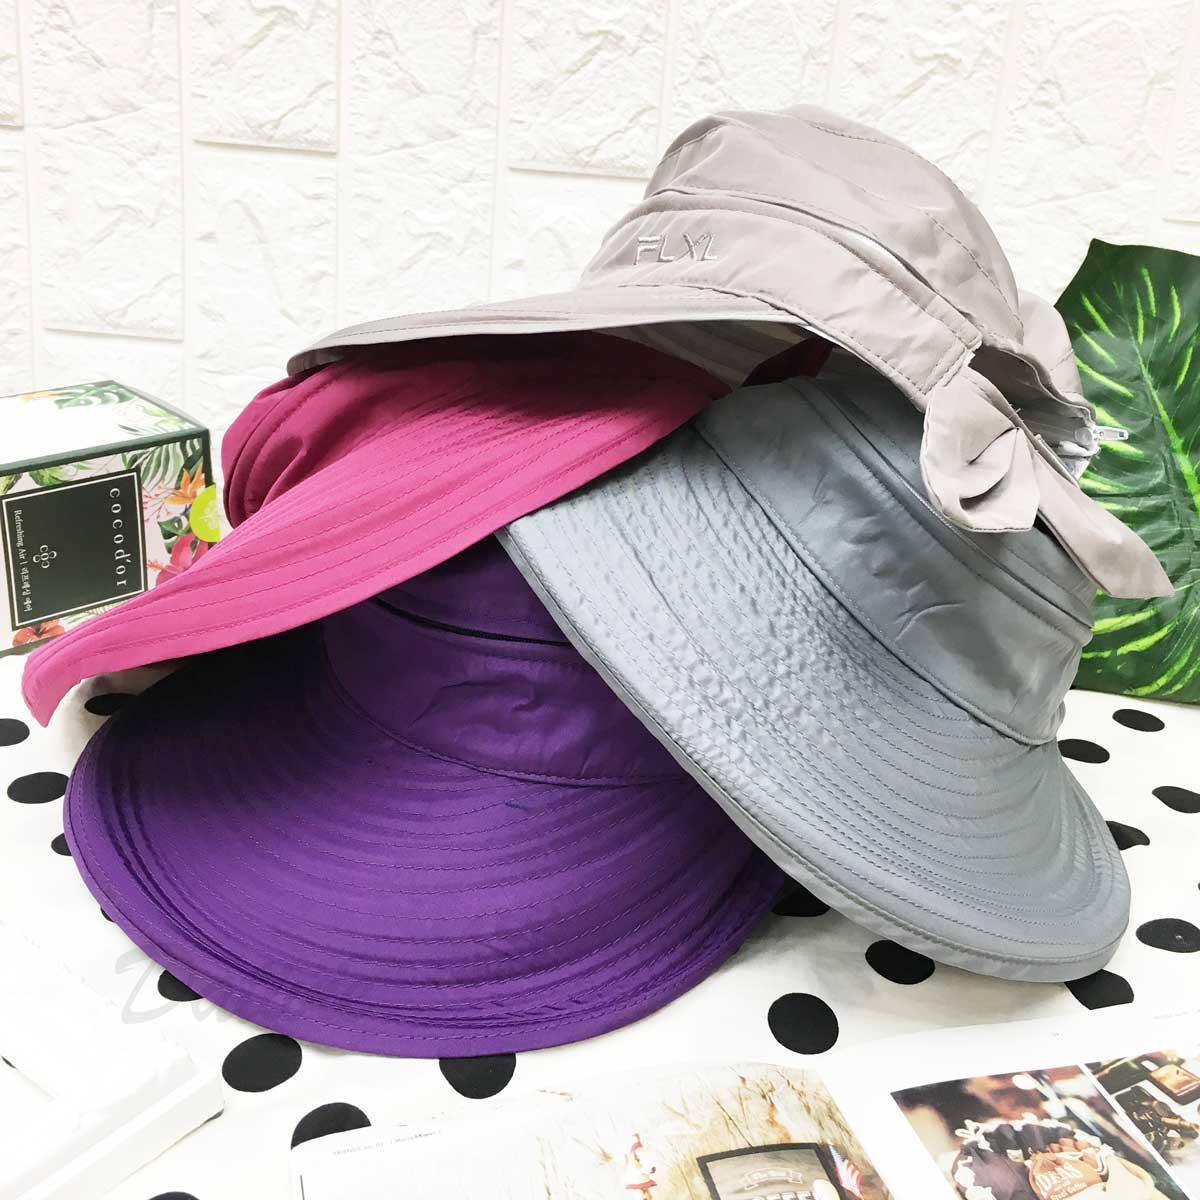 遮陽帽 FLXL 英文字樣 素色 拉鍊可拆 兩戴式設計 蝴蝶結 後魔鬼氈可調鬆緊 帽子 空頂帽